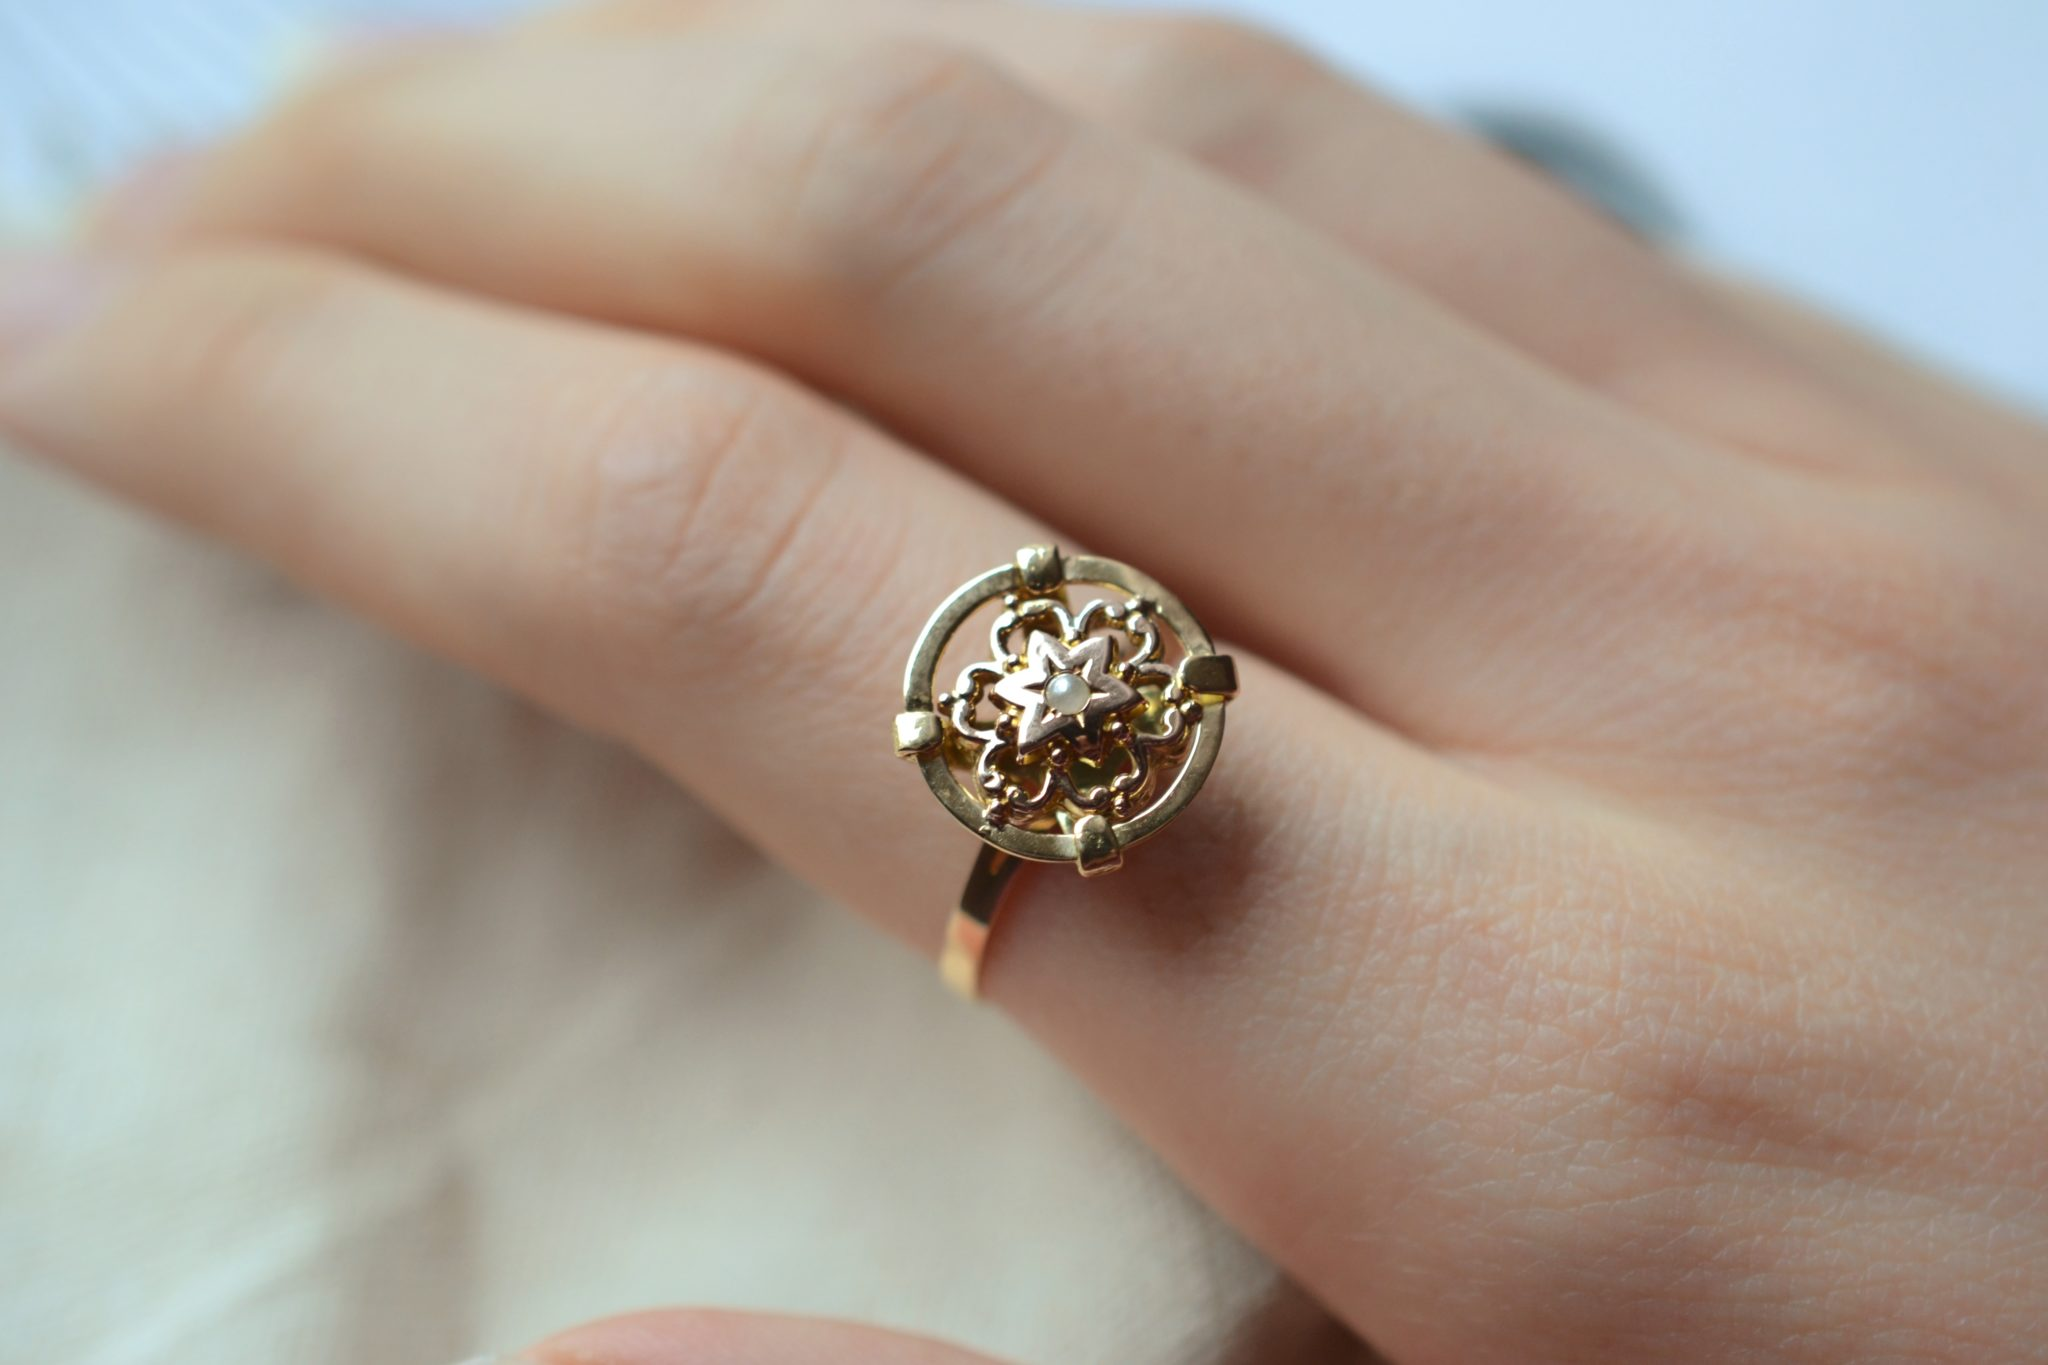 Bague en Or jaune ornée d_une demi-perle de culture sur un plateau en forme de disque, décoré d_un motif fleuri en Or rose - bague ancienne